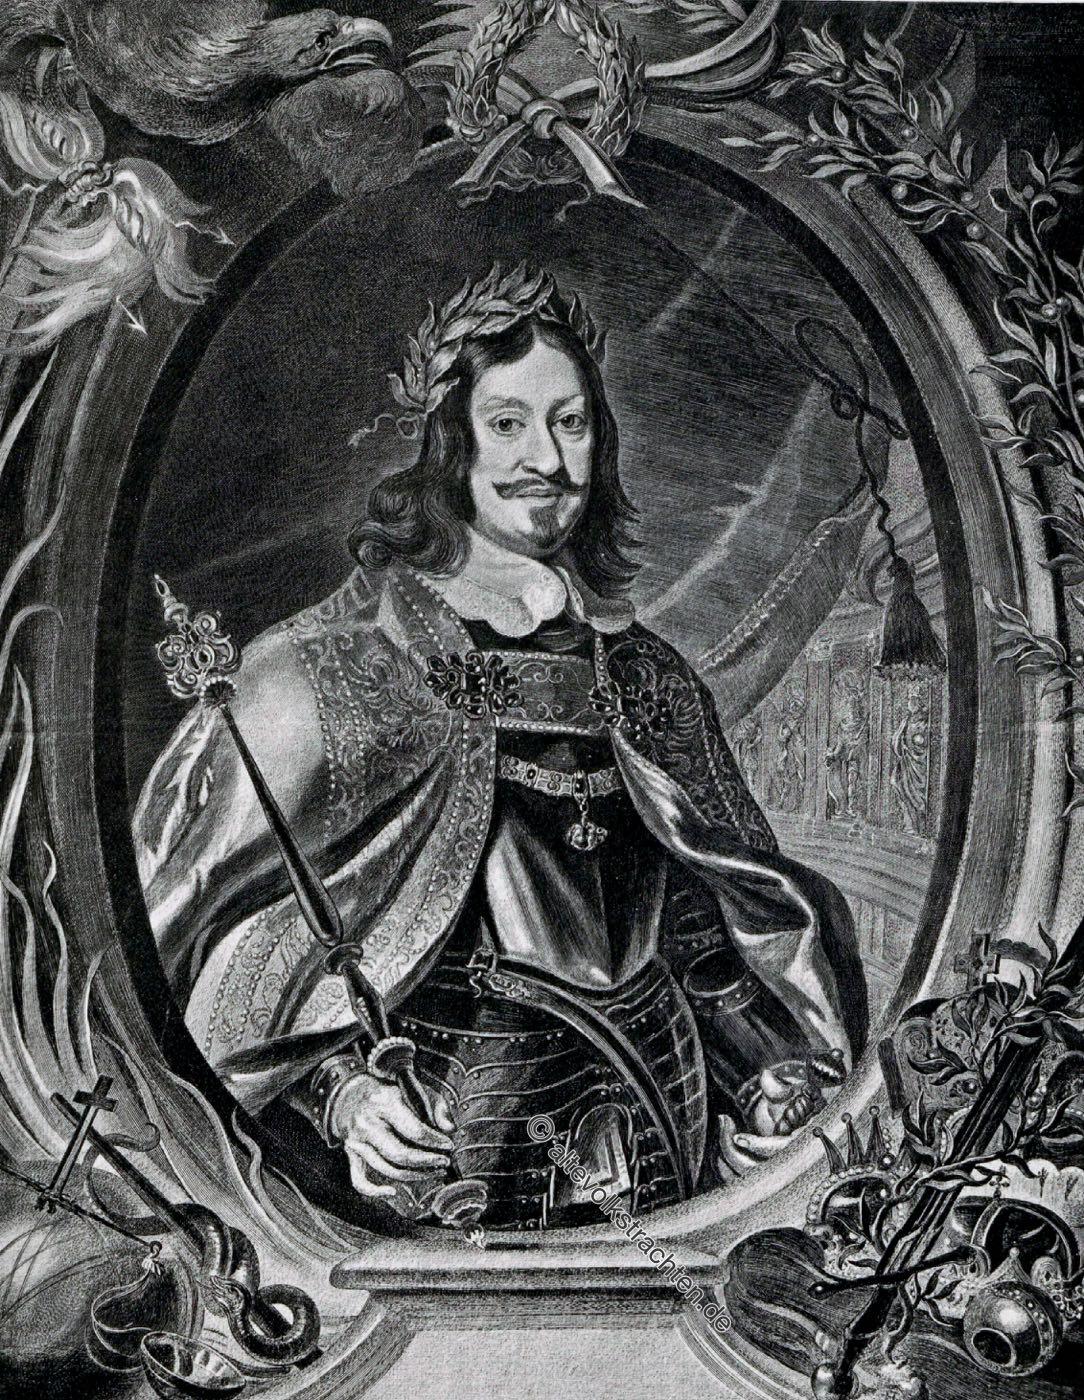 Ferdinand III, Deutscher Kaiser, Barock, Dreissigjähriger Krieg